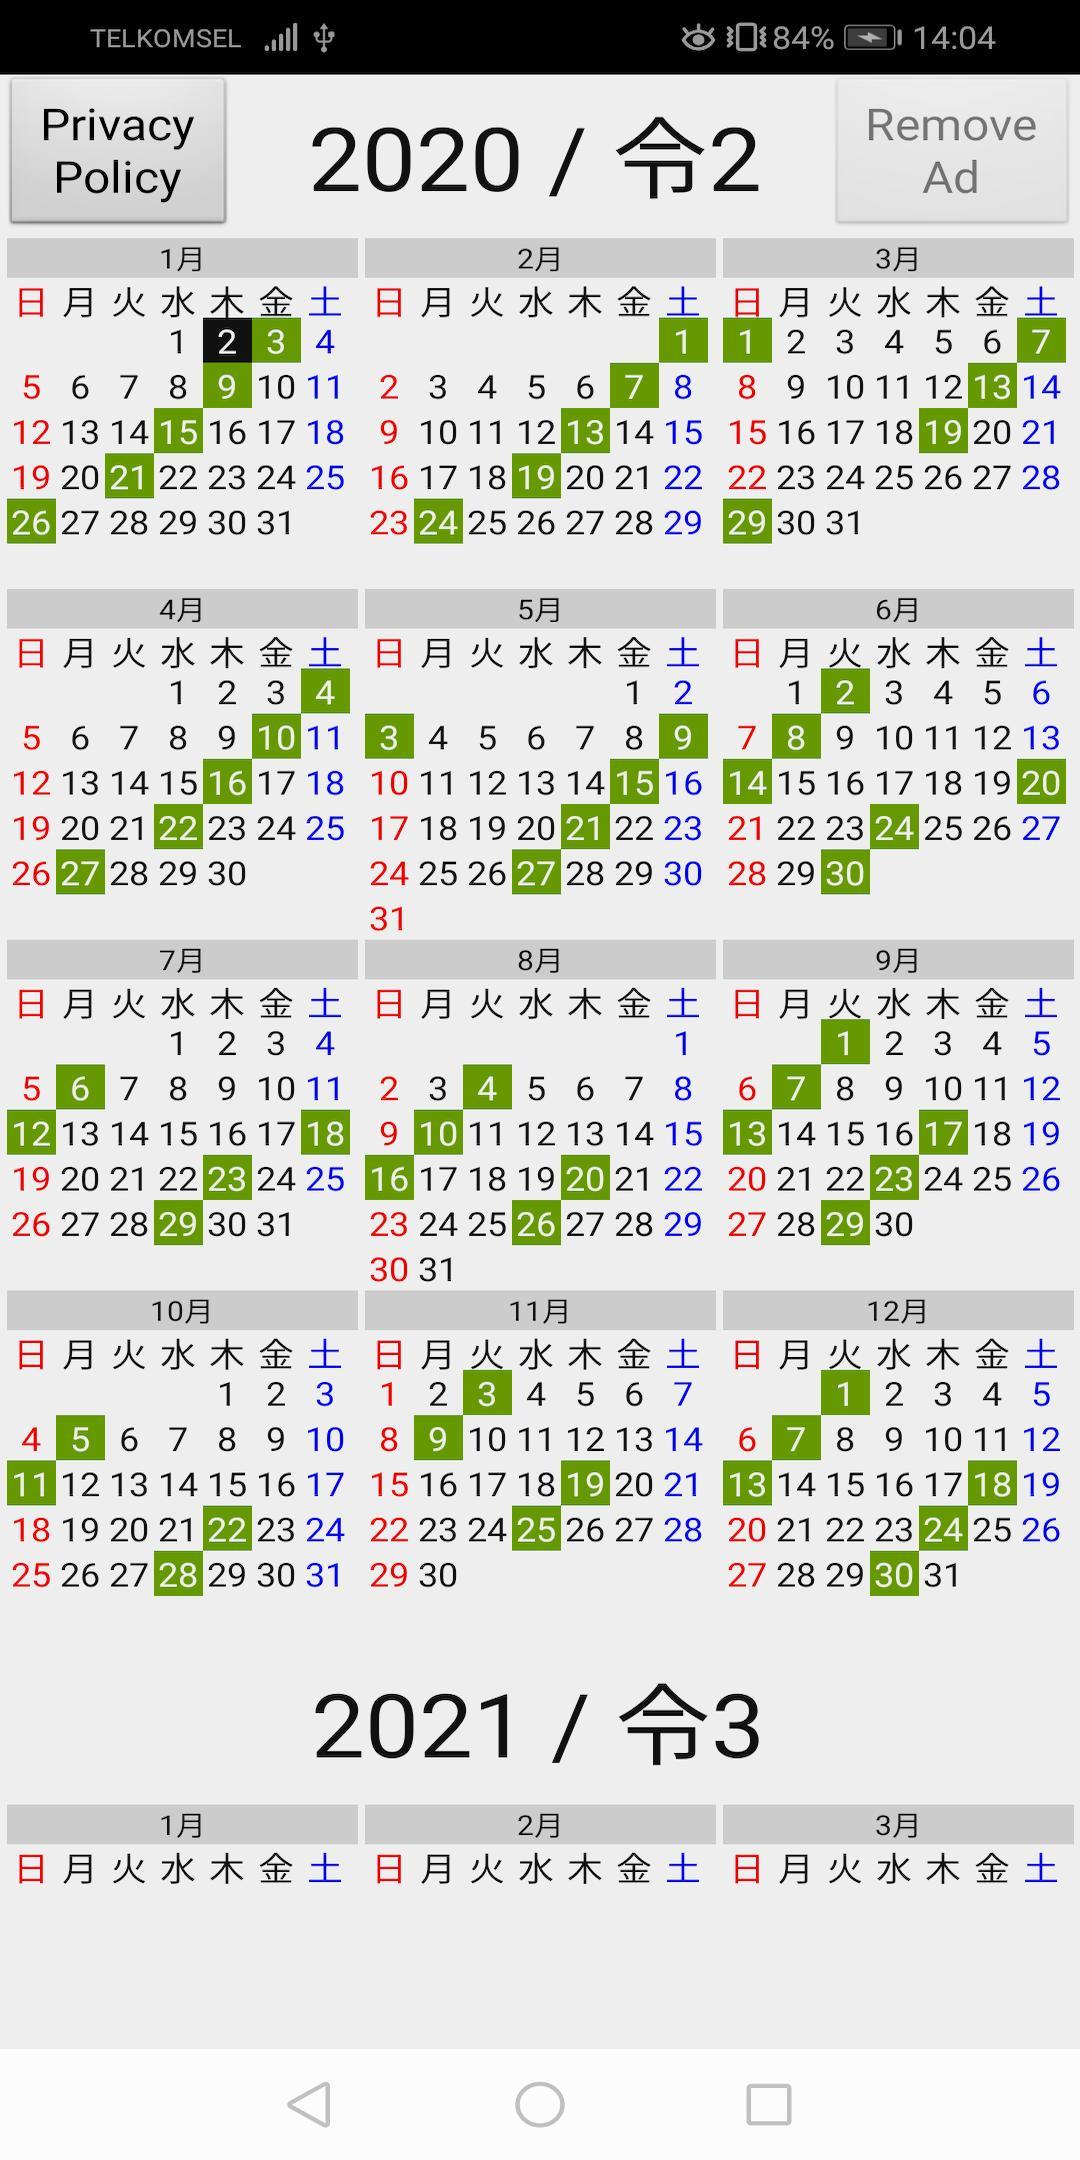 2020 年 友引 カレンダー 2020年の友引の一覧表 : ヒノコト -